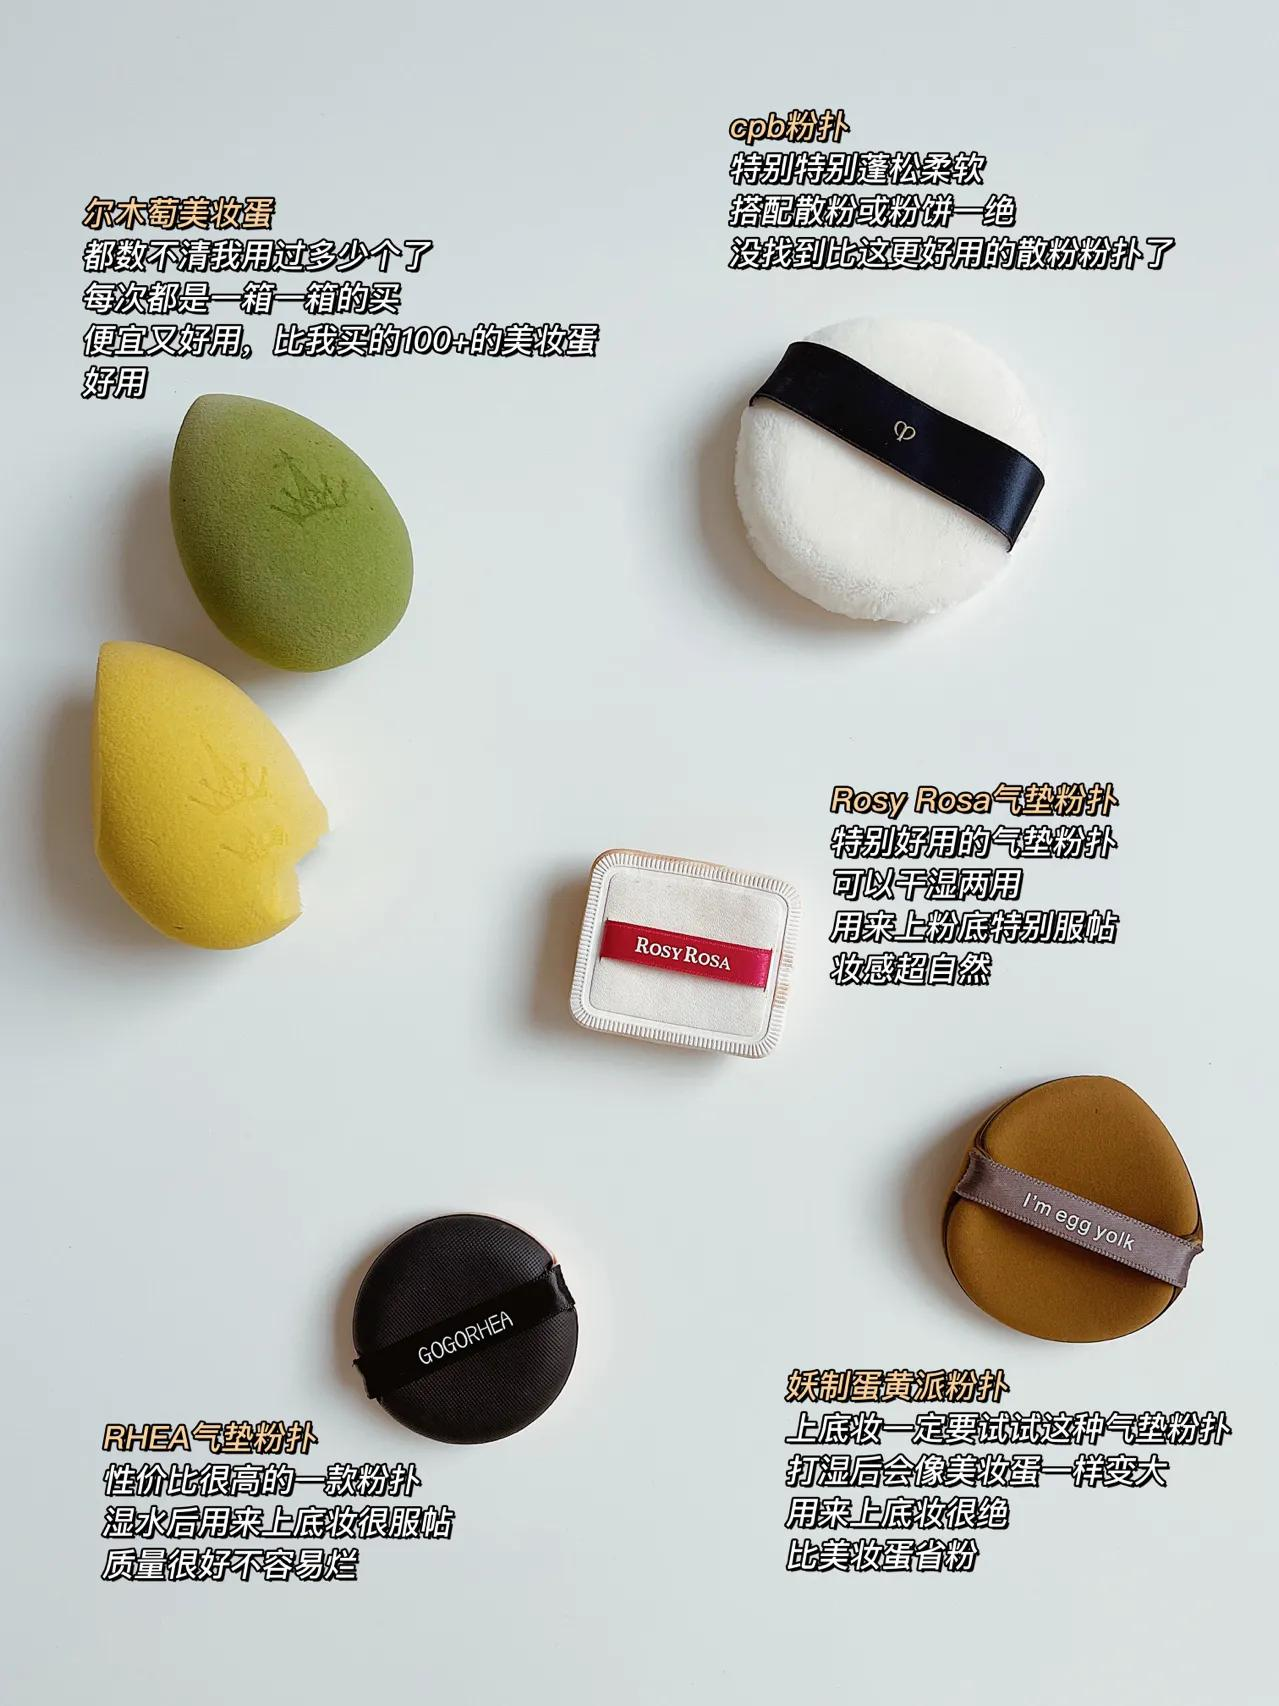 24个值得入手的化妆工具